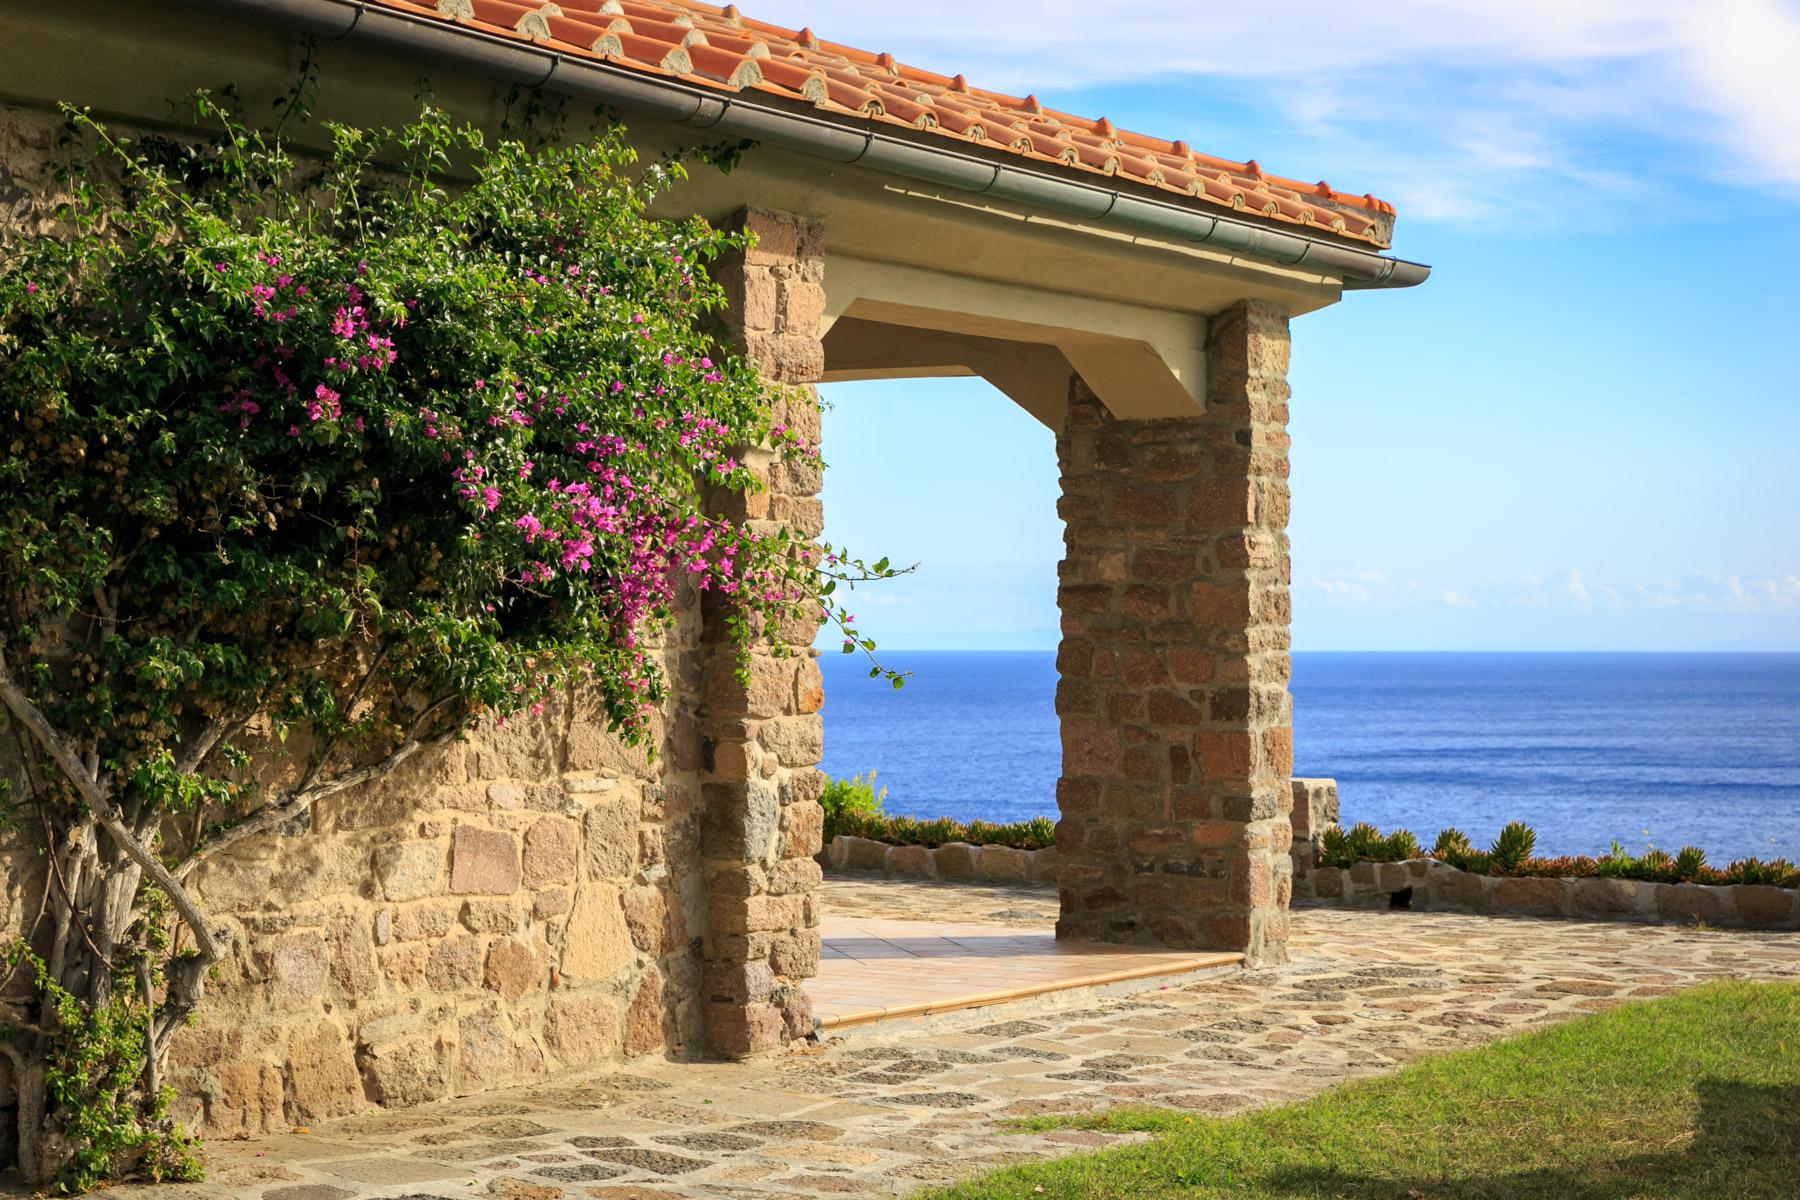 Villa in Vendita a Capraia Isola: 5 locali, 320 mq - Foto 4